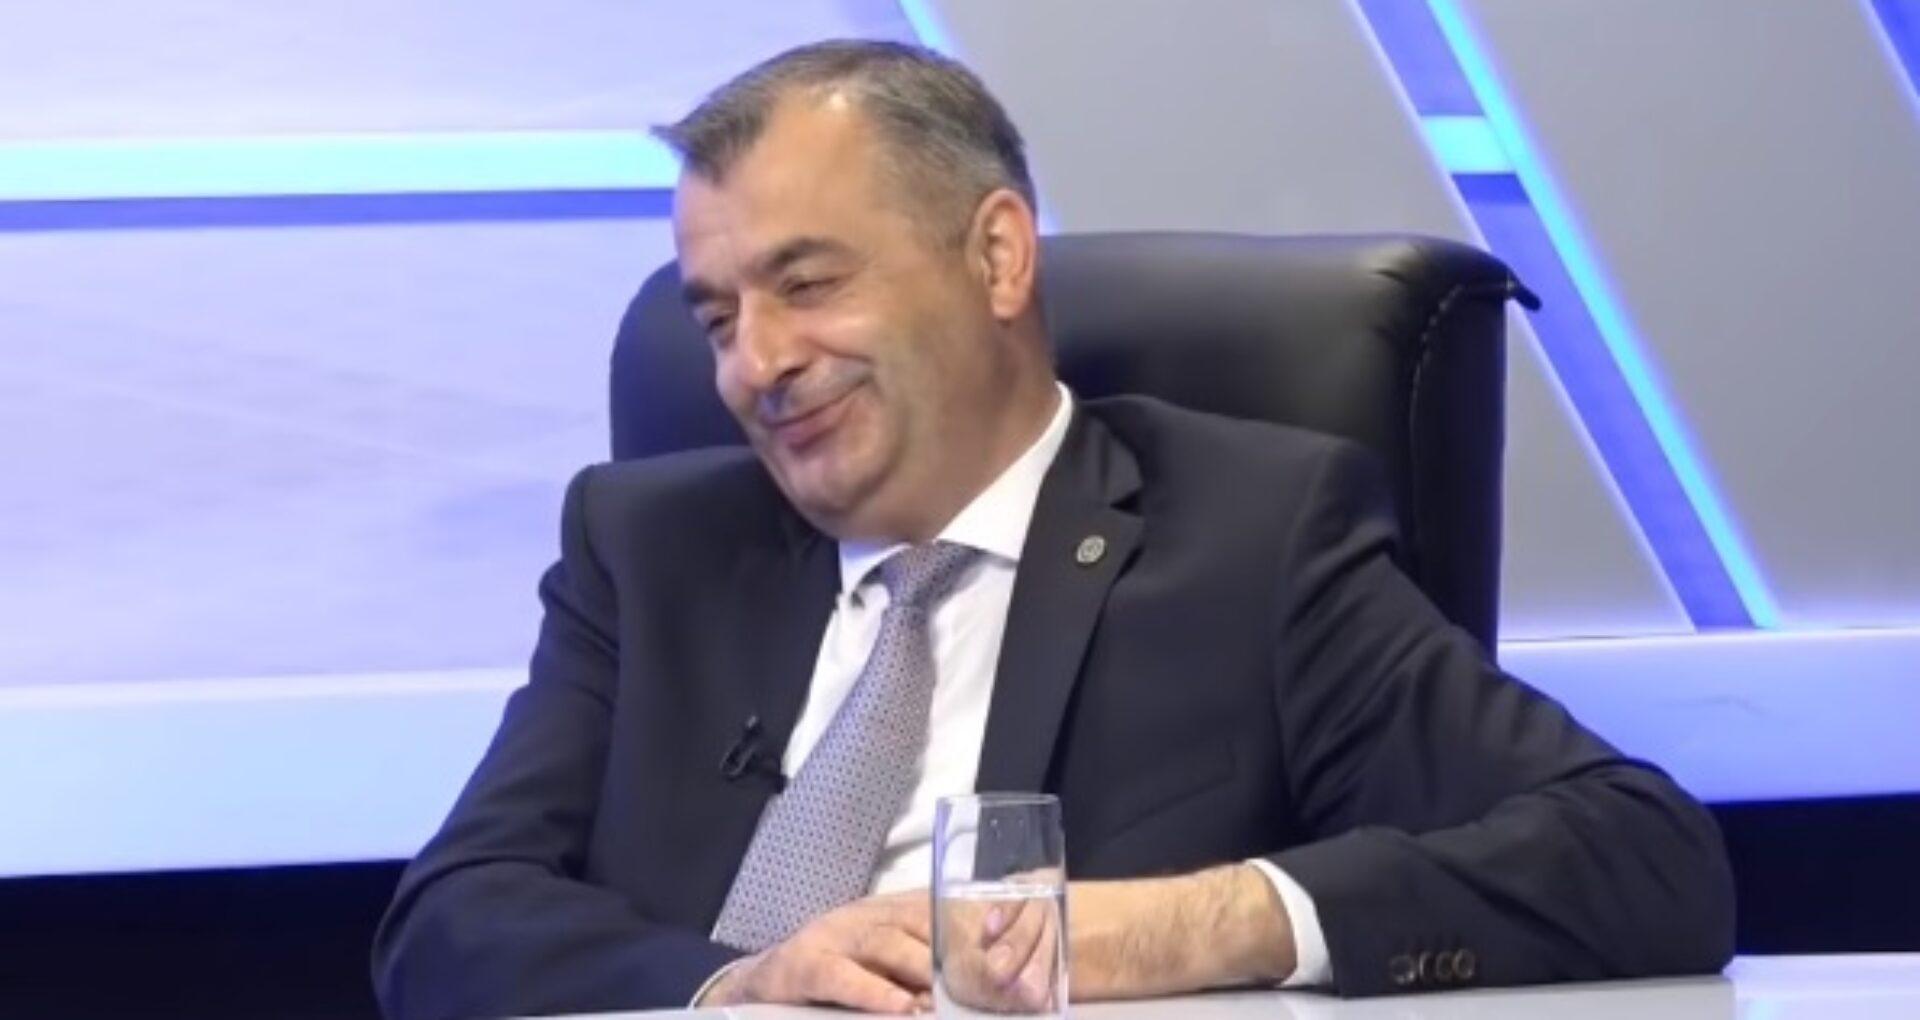 """Cum și când a obținut premierul Chicu cetățenia României: """"Dacă te gândești, așa ca businessman, oferea multe posibilități"""""""